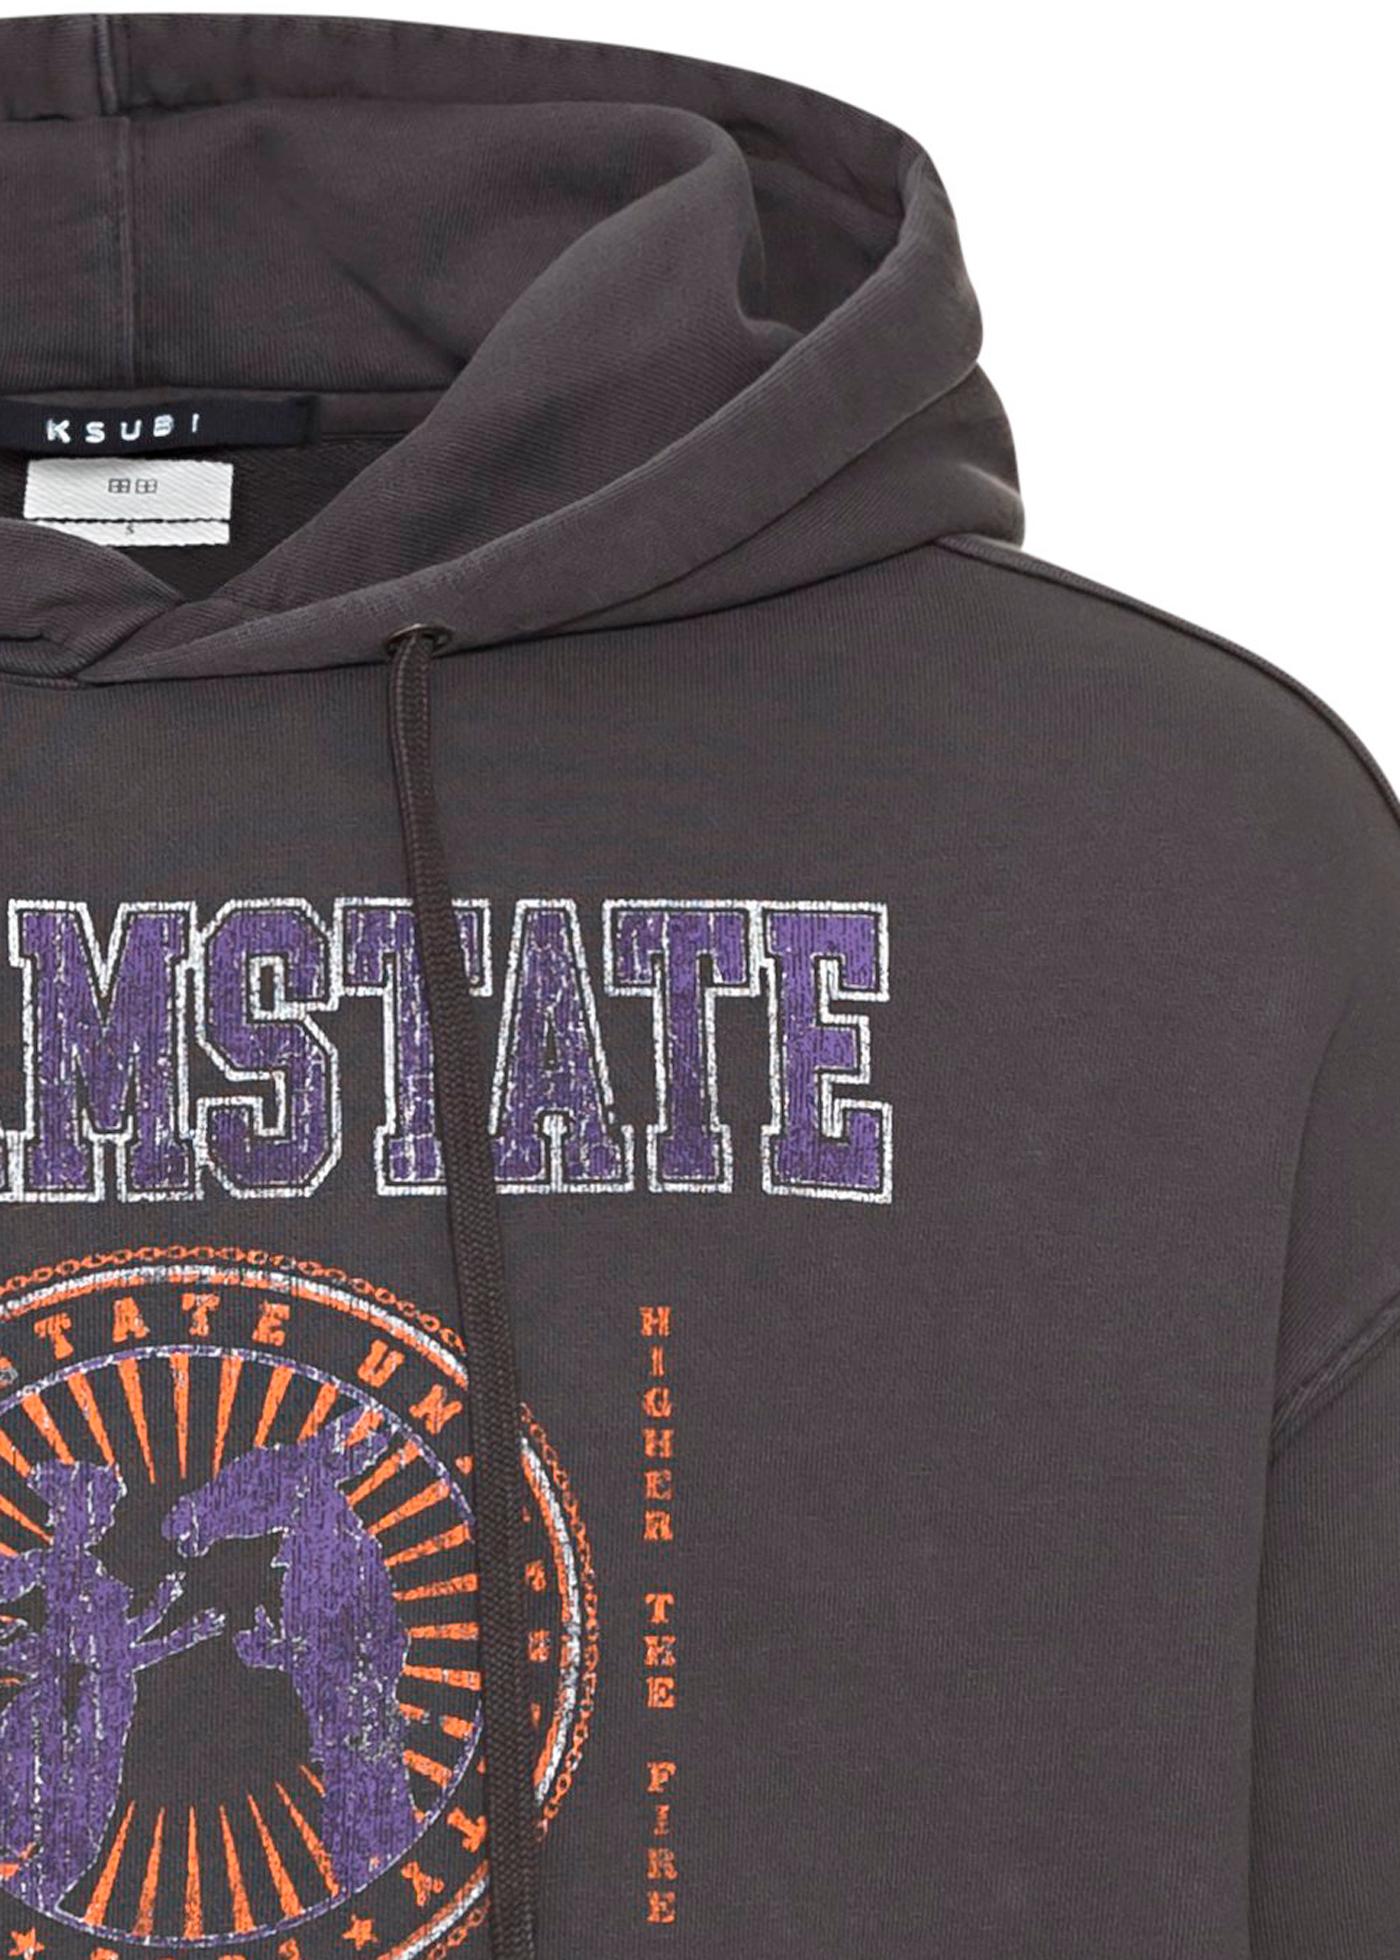 university biggie hoodie faded black image number 2